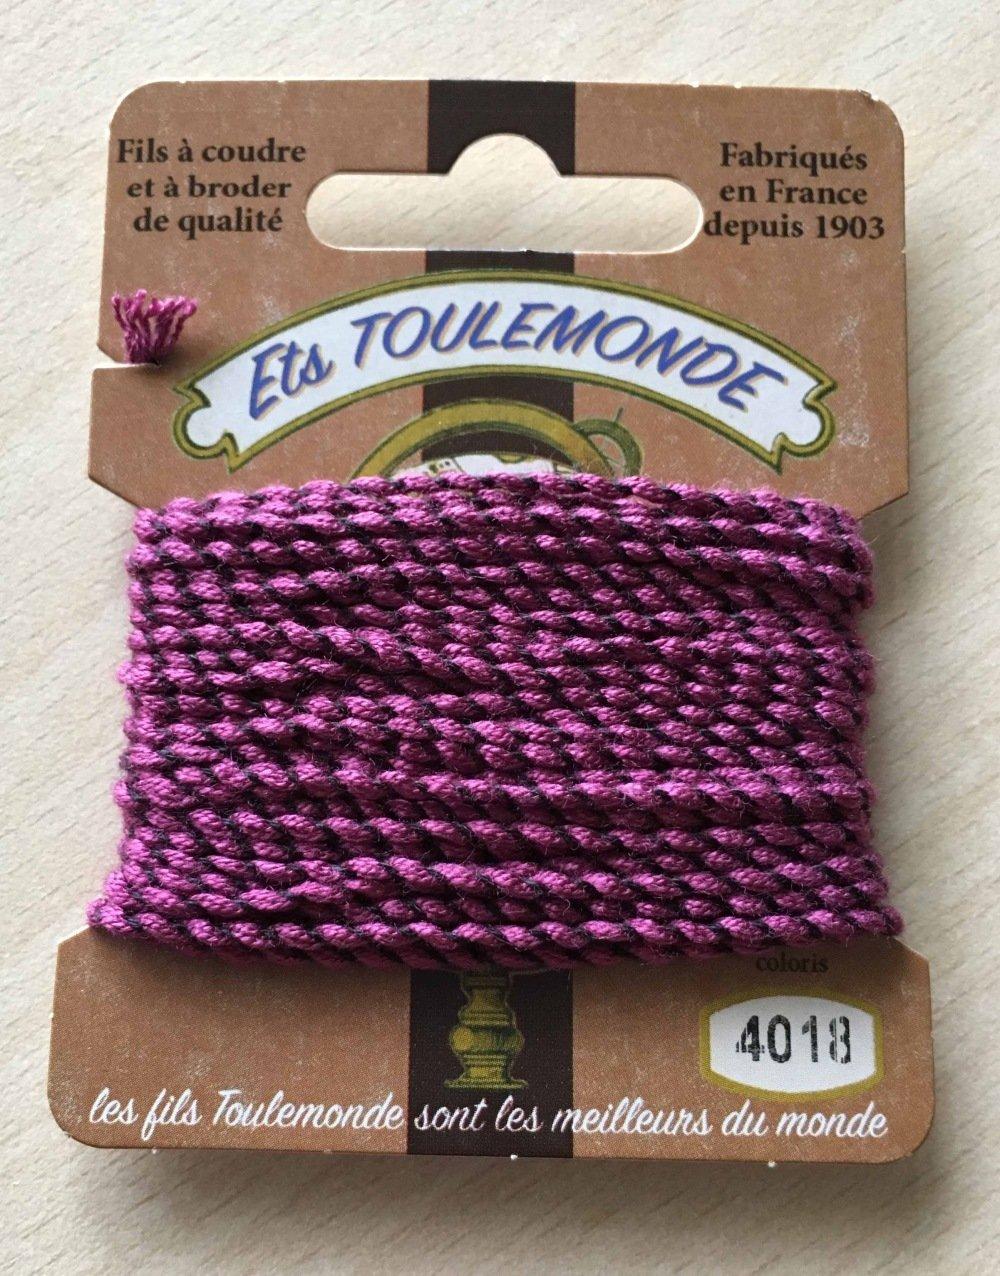 fil cordelette guipé Rochefort 4018 violet marron